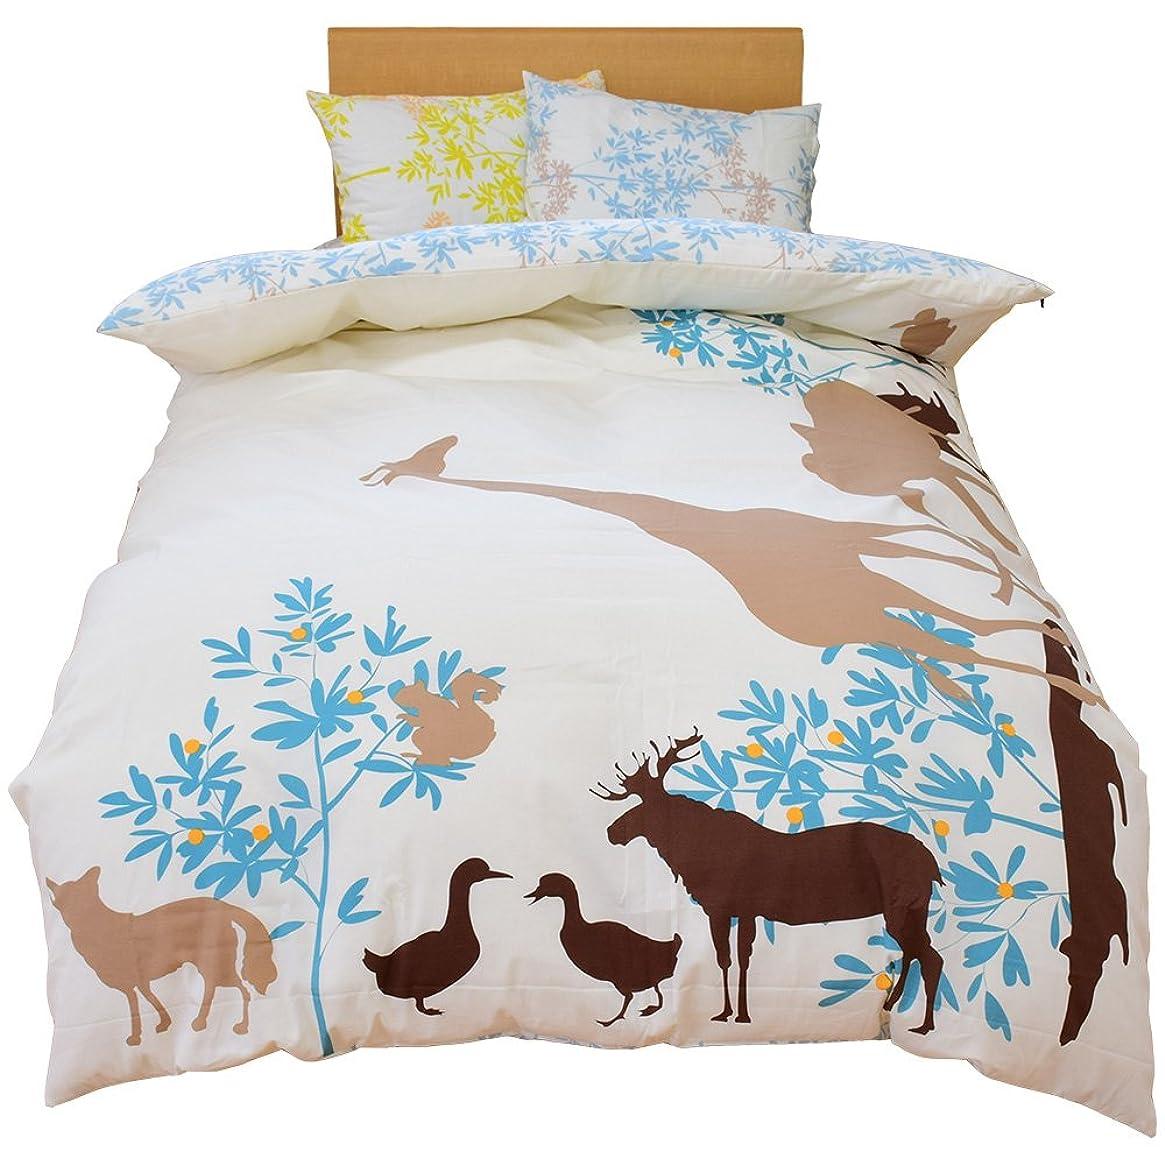 半円リアルバイオリニストwesty ジラフ ベッド用 布団カバー 3点セット シングル 日本製 ターコイズ